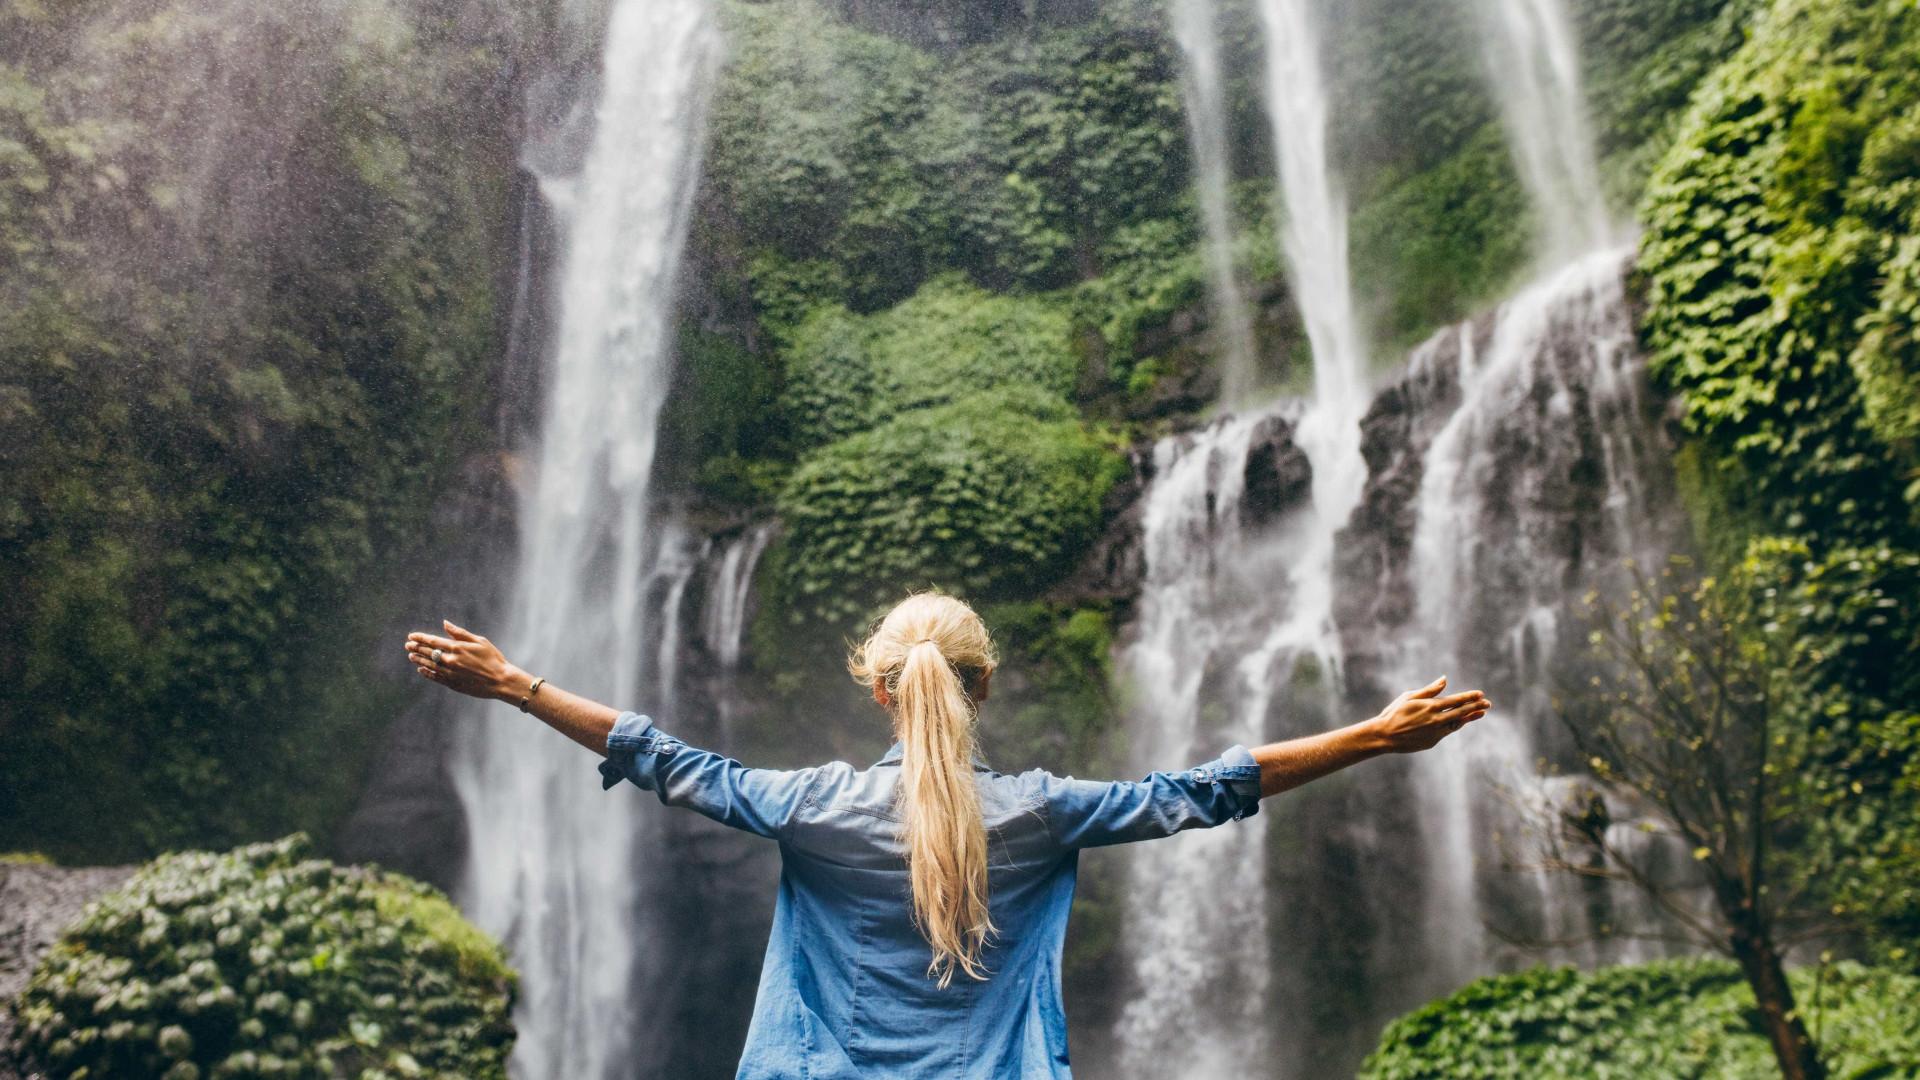 Estar rodeado pela natureza torna os adolescentes mais felizes